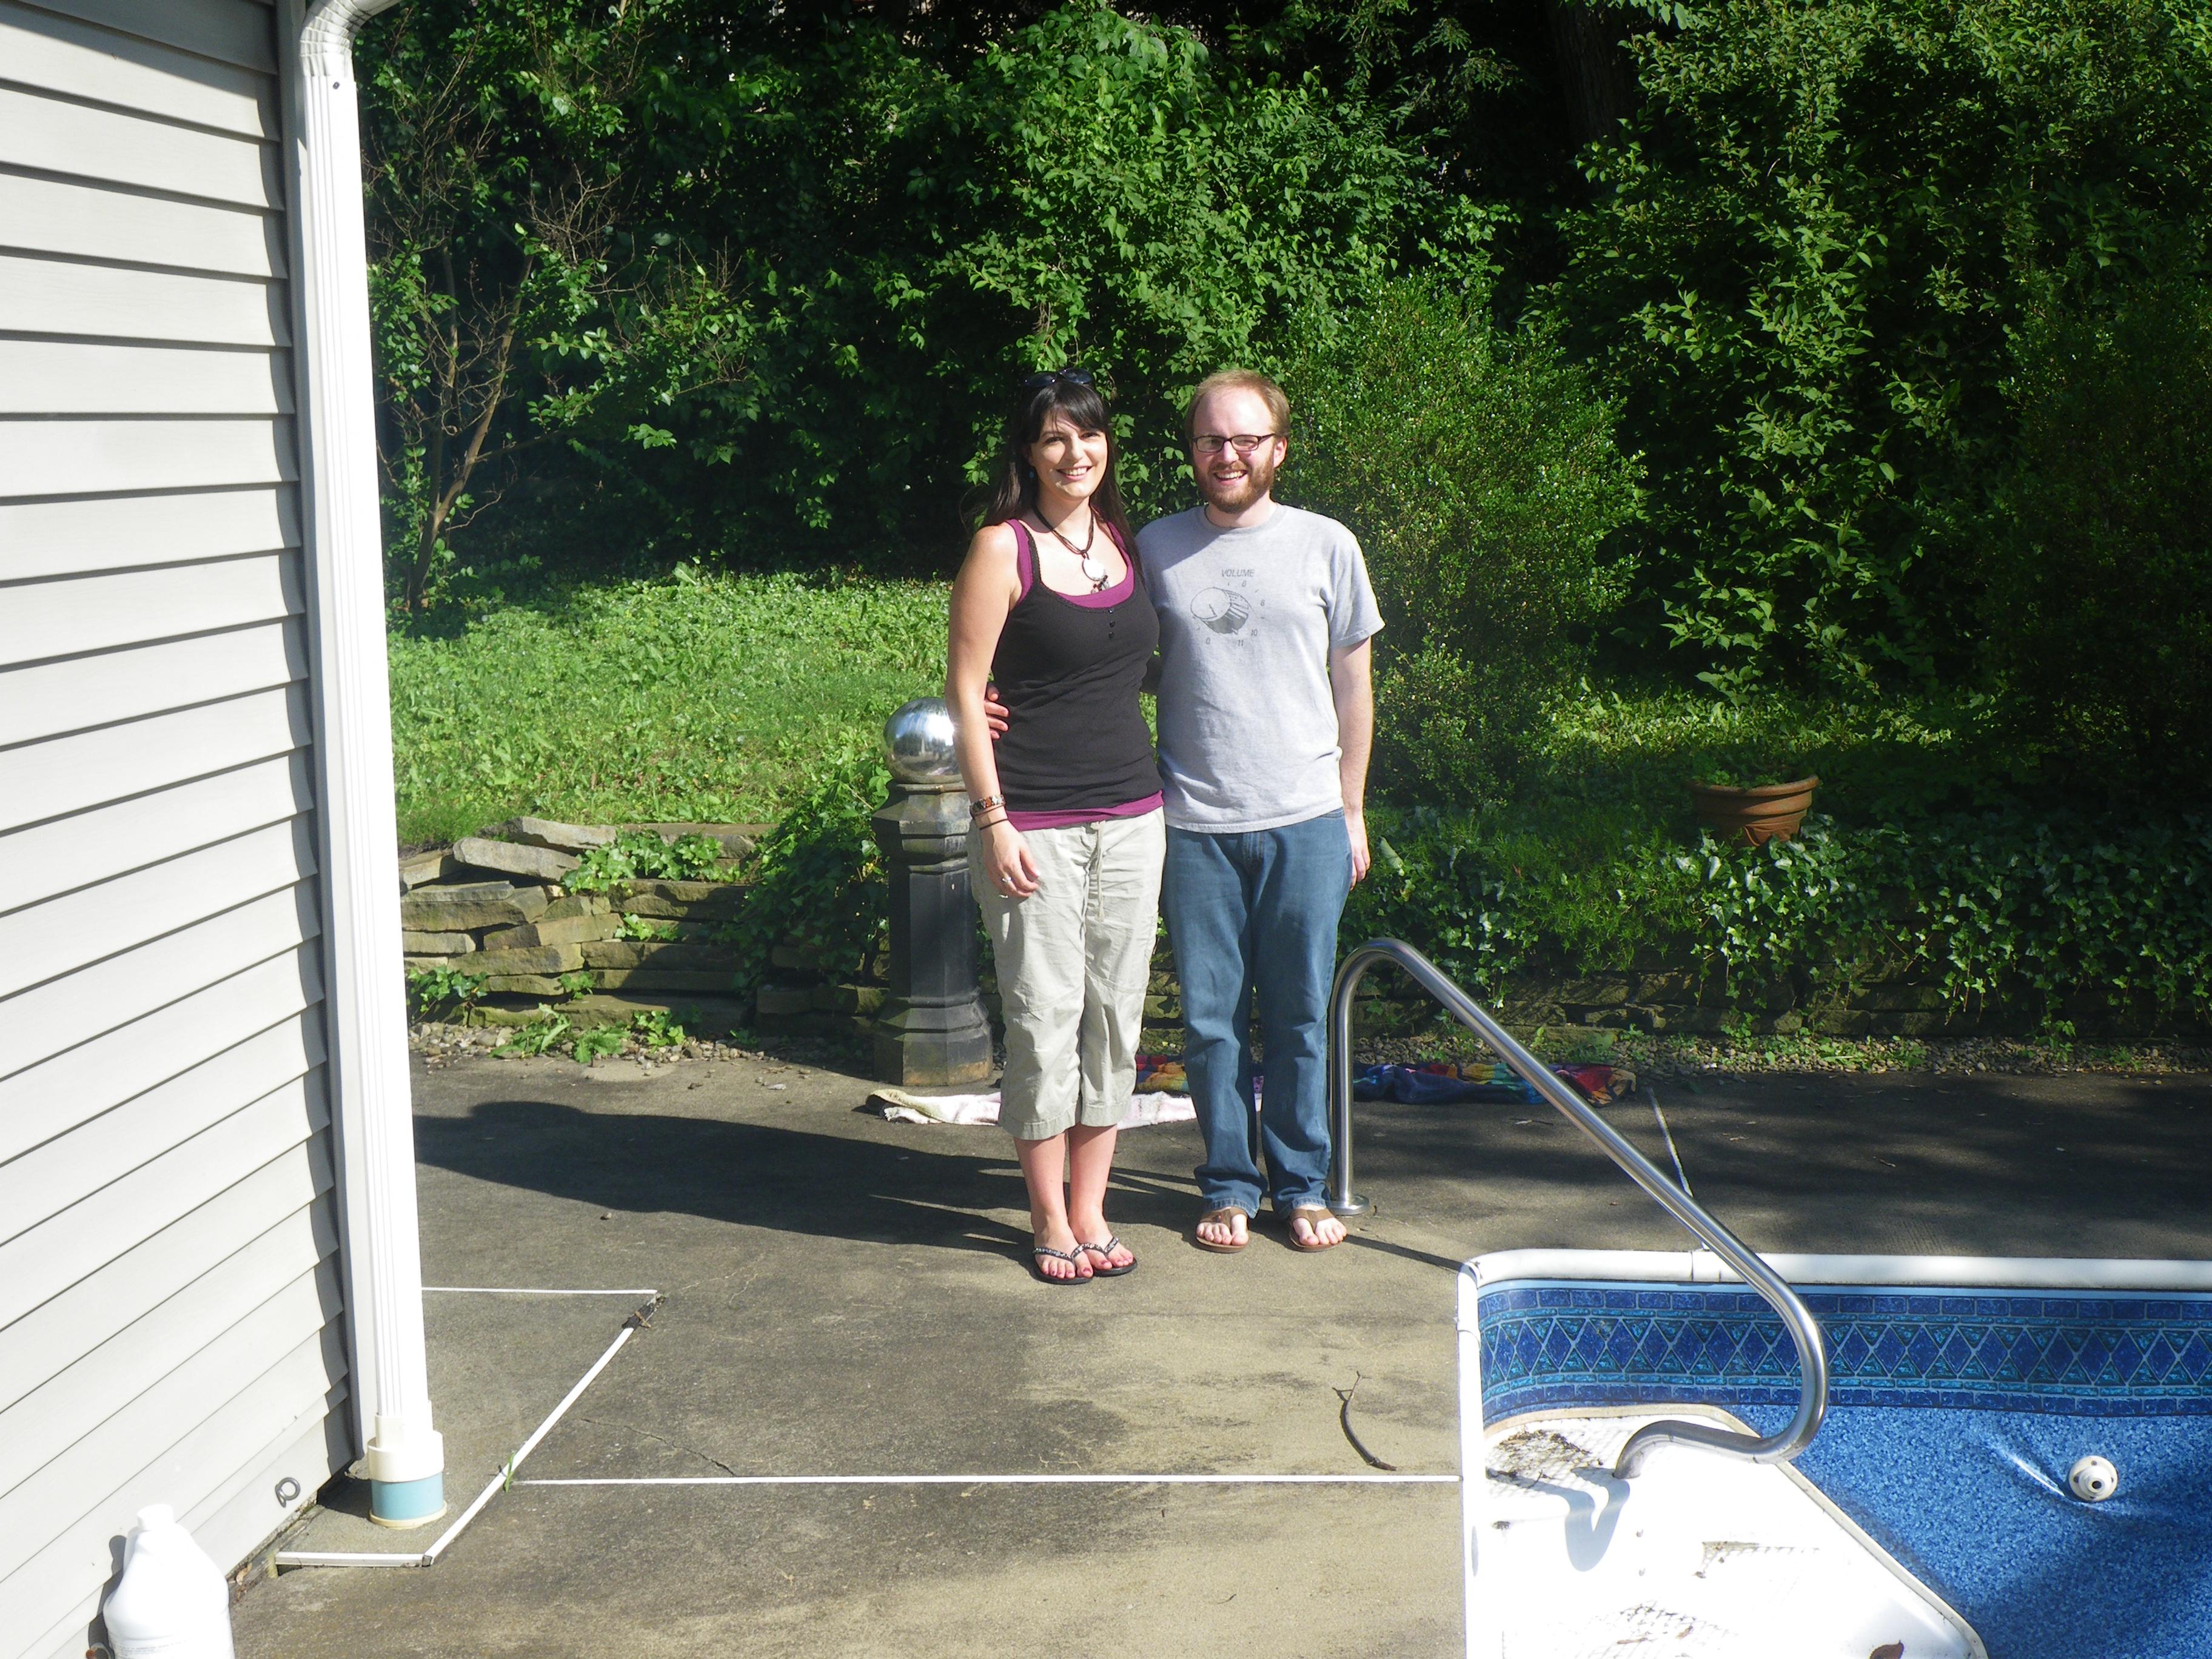 2009-06-20-weekend-in-morgantown-8